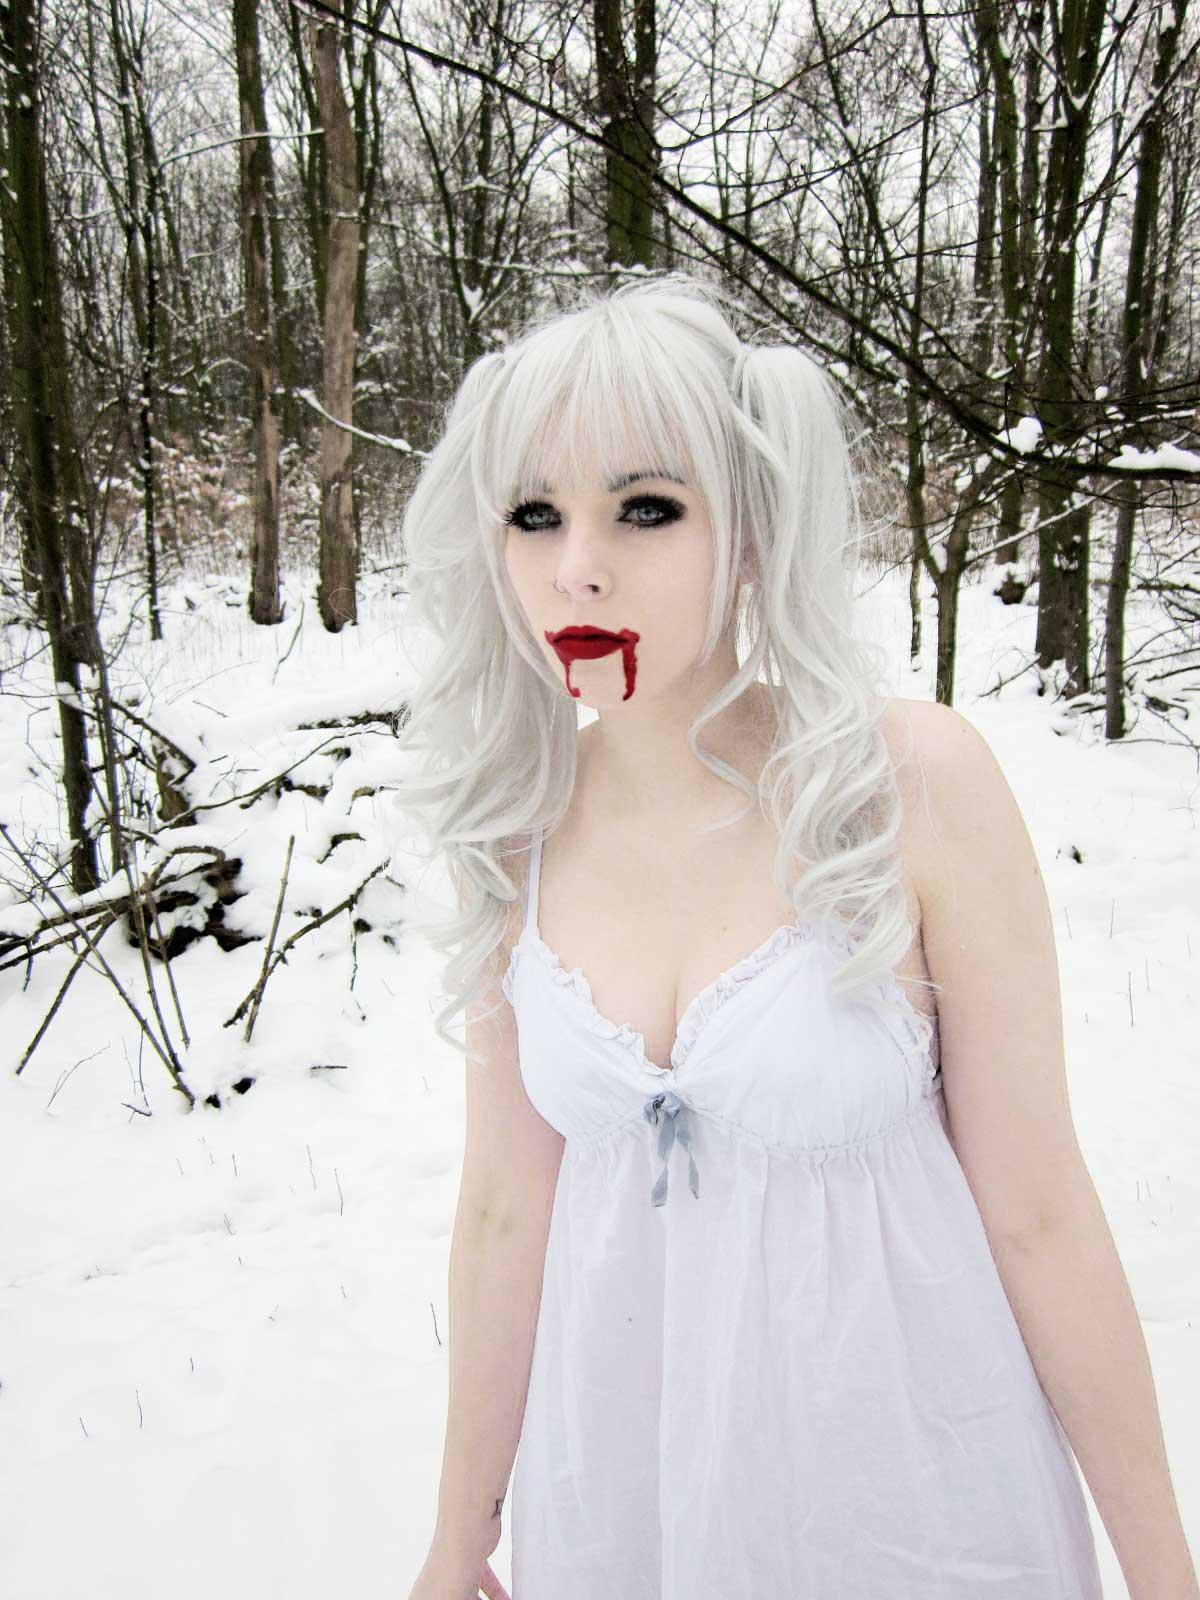 Brown Hair clipart emo hair Scene vampira emo ira gothic